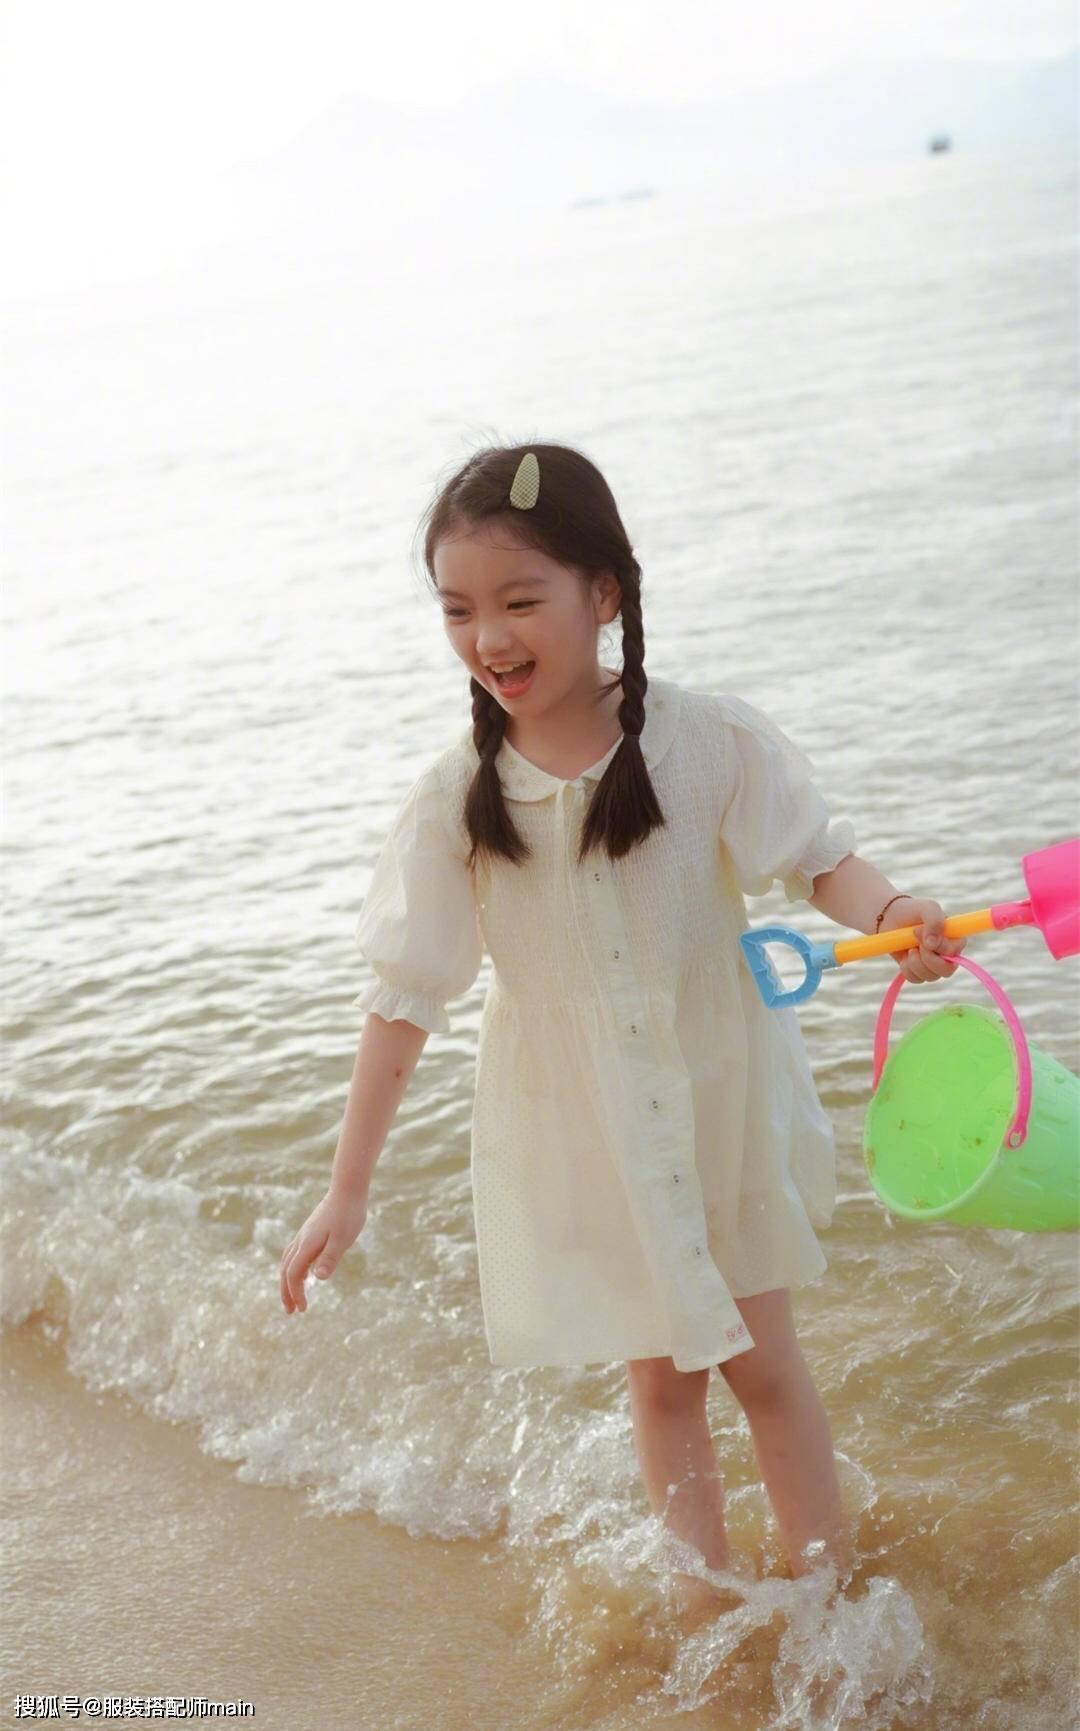 8岁阿拉蕾不得了,双麻花辫配娃娃裙长腿吸睛,褪去婴儿肥更出众